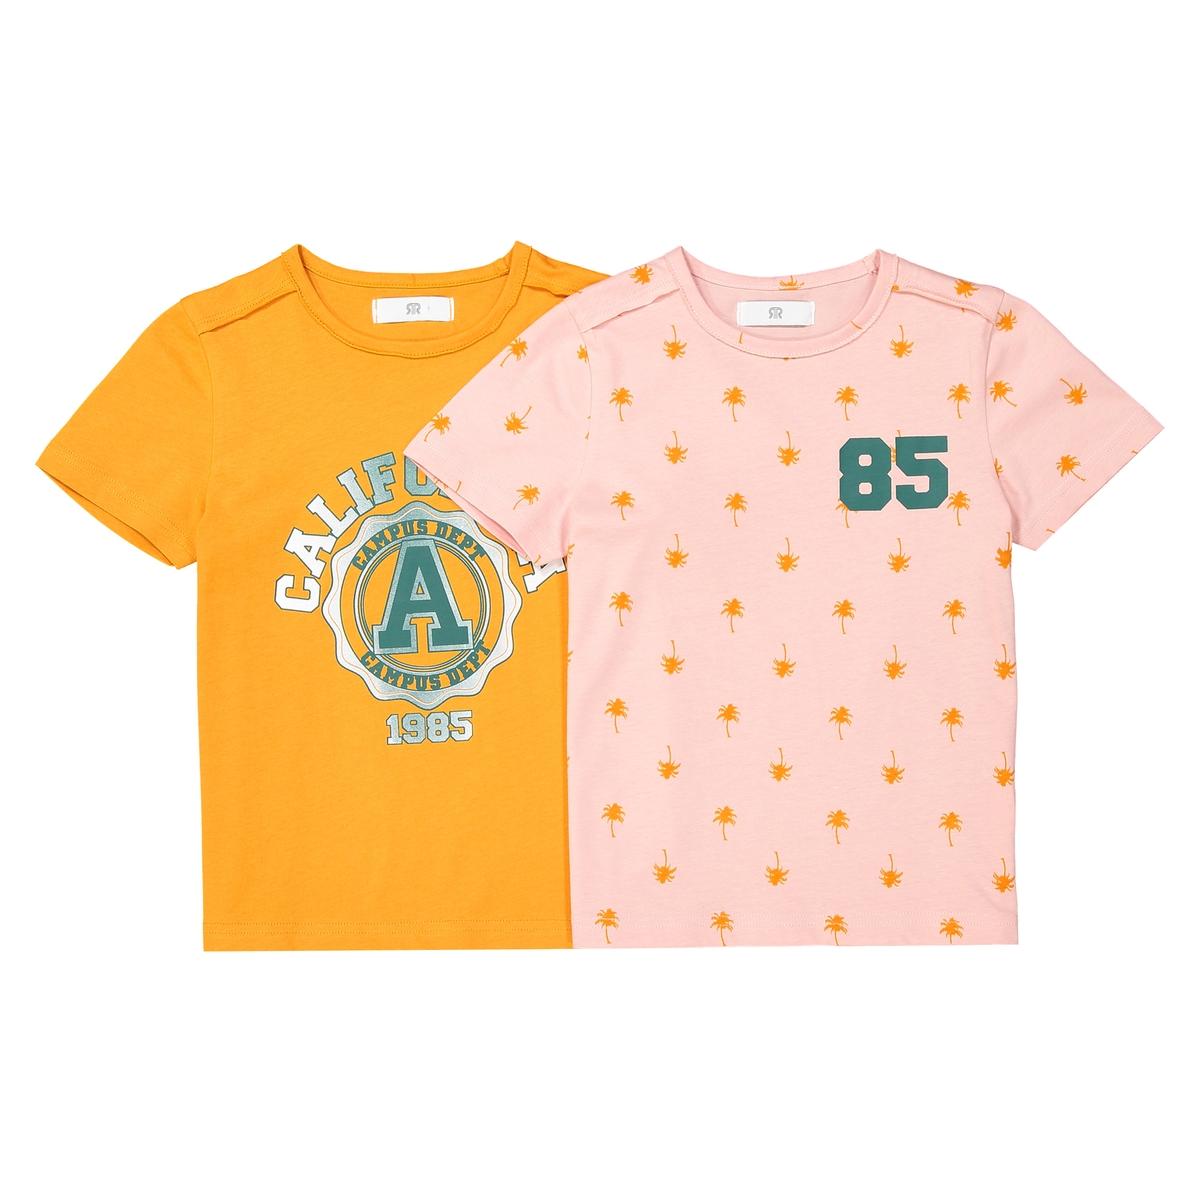 2 футболки с принтом 3-12 лет